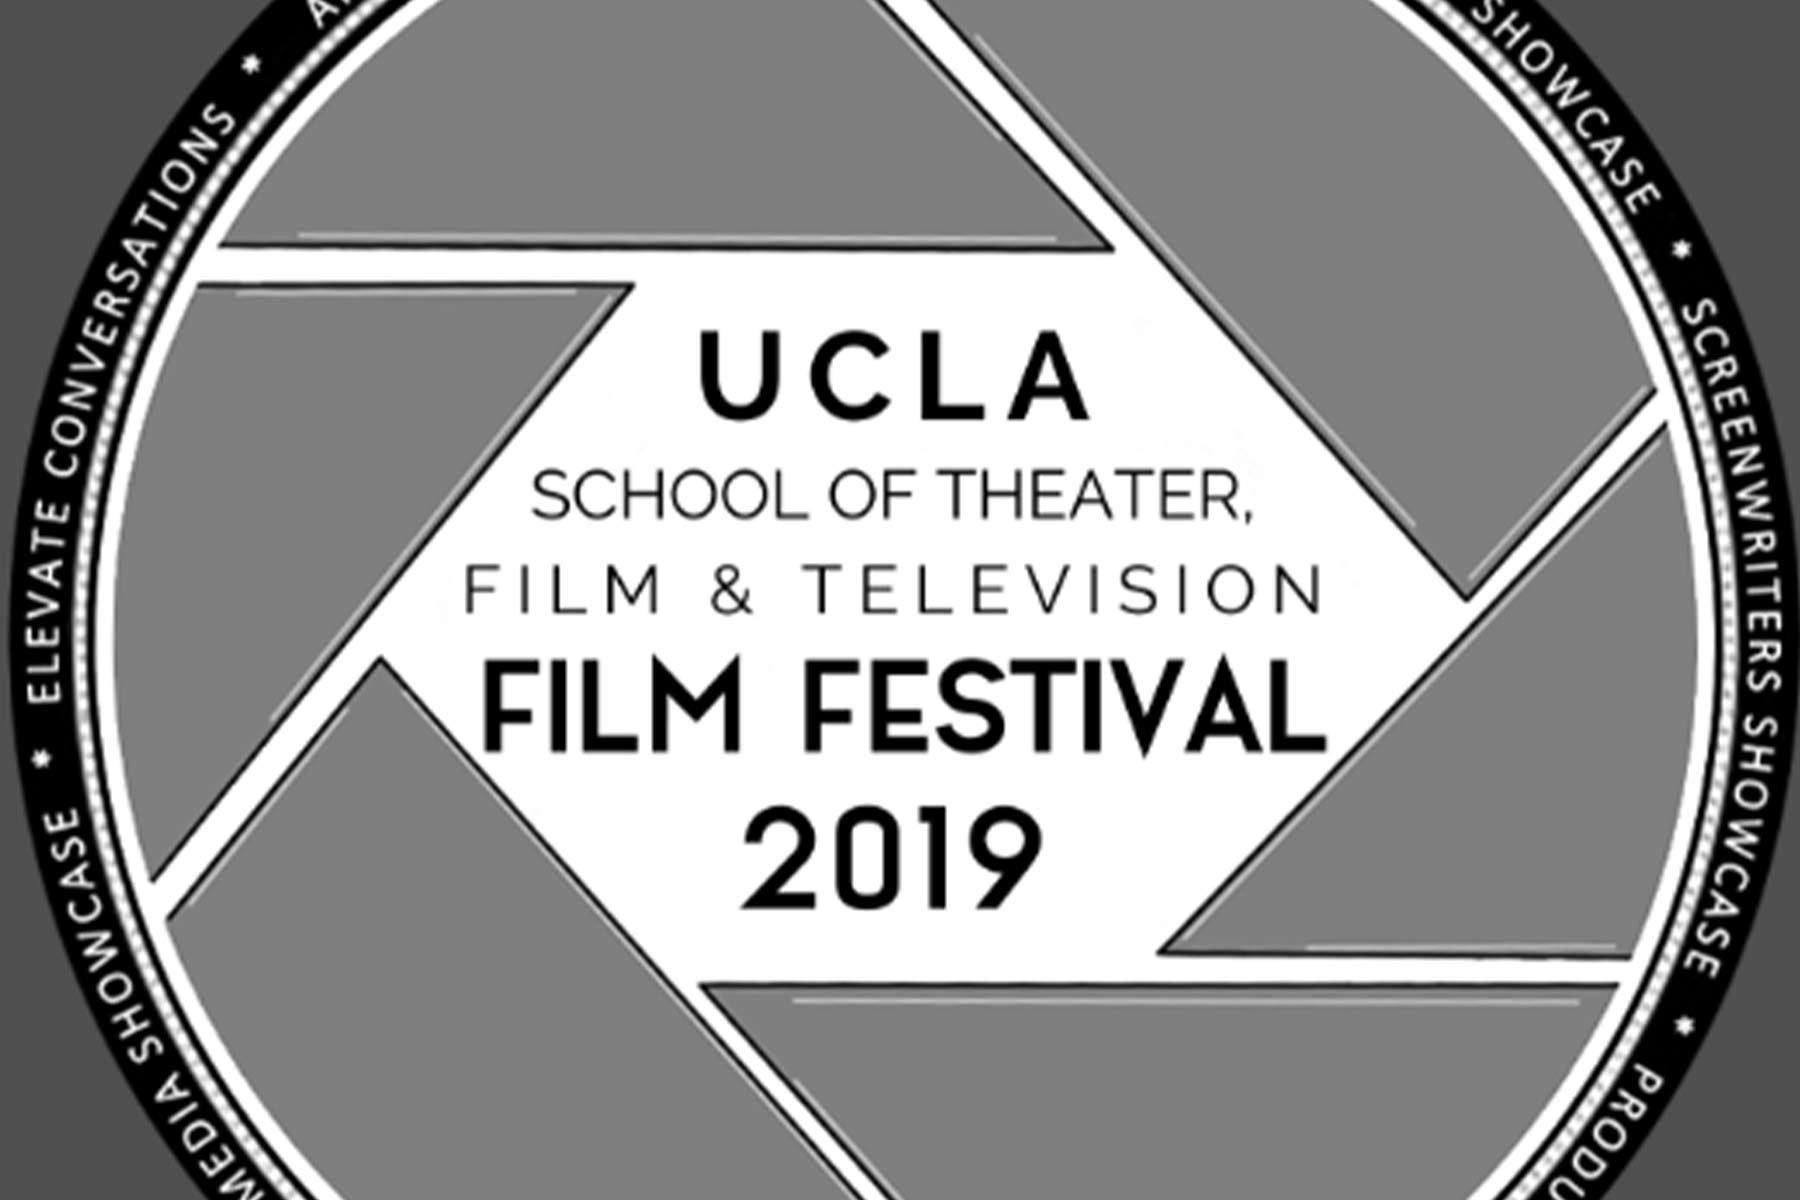 UCLA TFT Film Festival